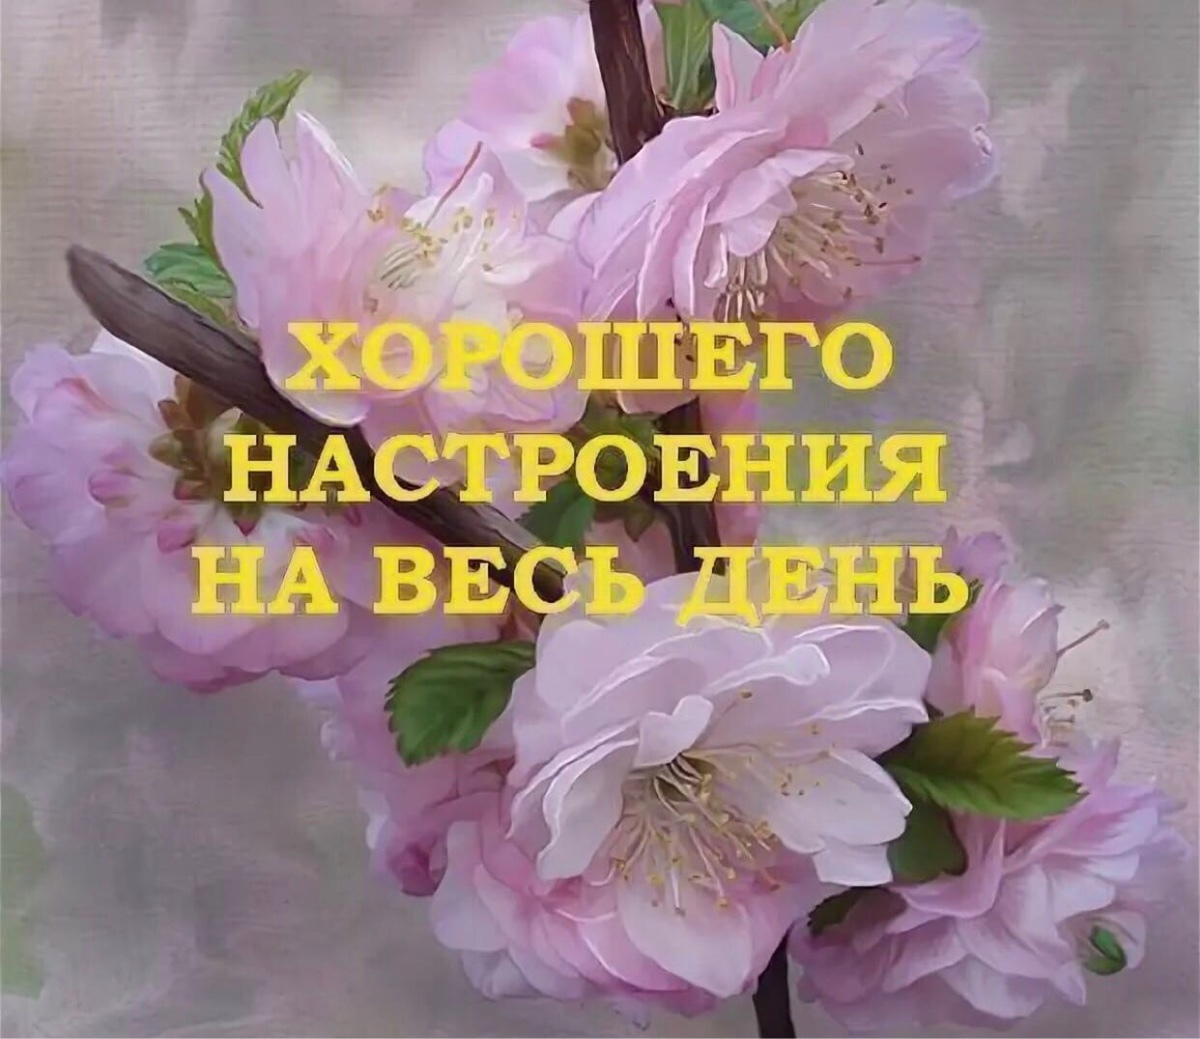 Доброго вам дня и хорошего настроения картинки православные